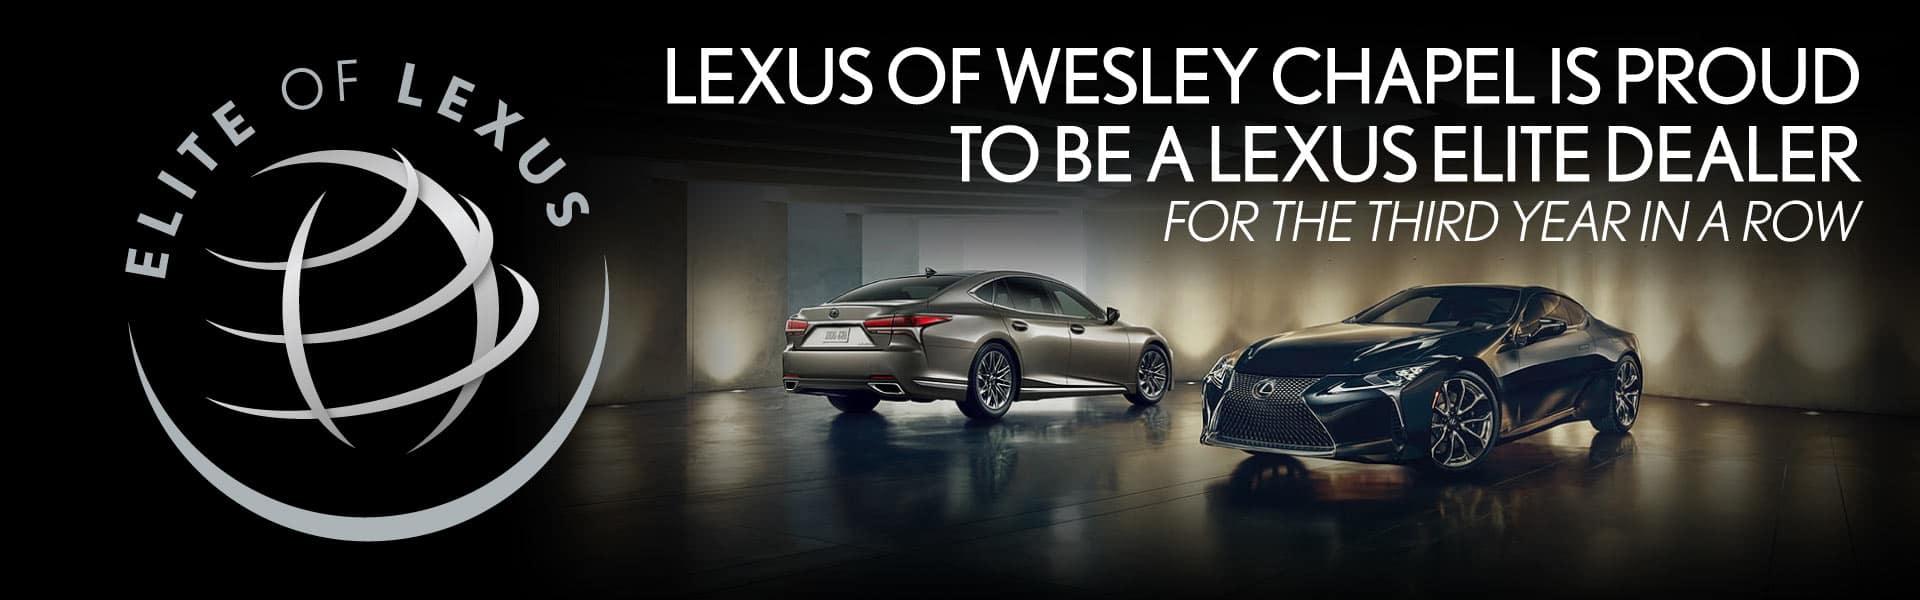 Lexus of Wesley Chapel is Proud to Be a Lexus Elite Dealer